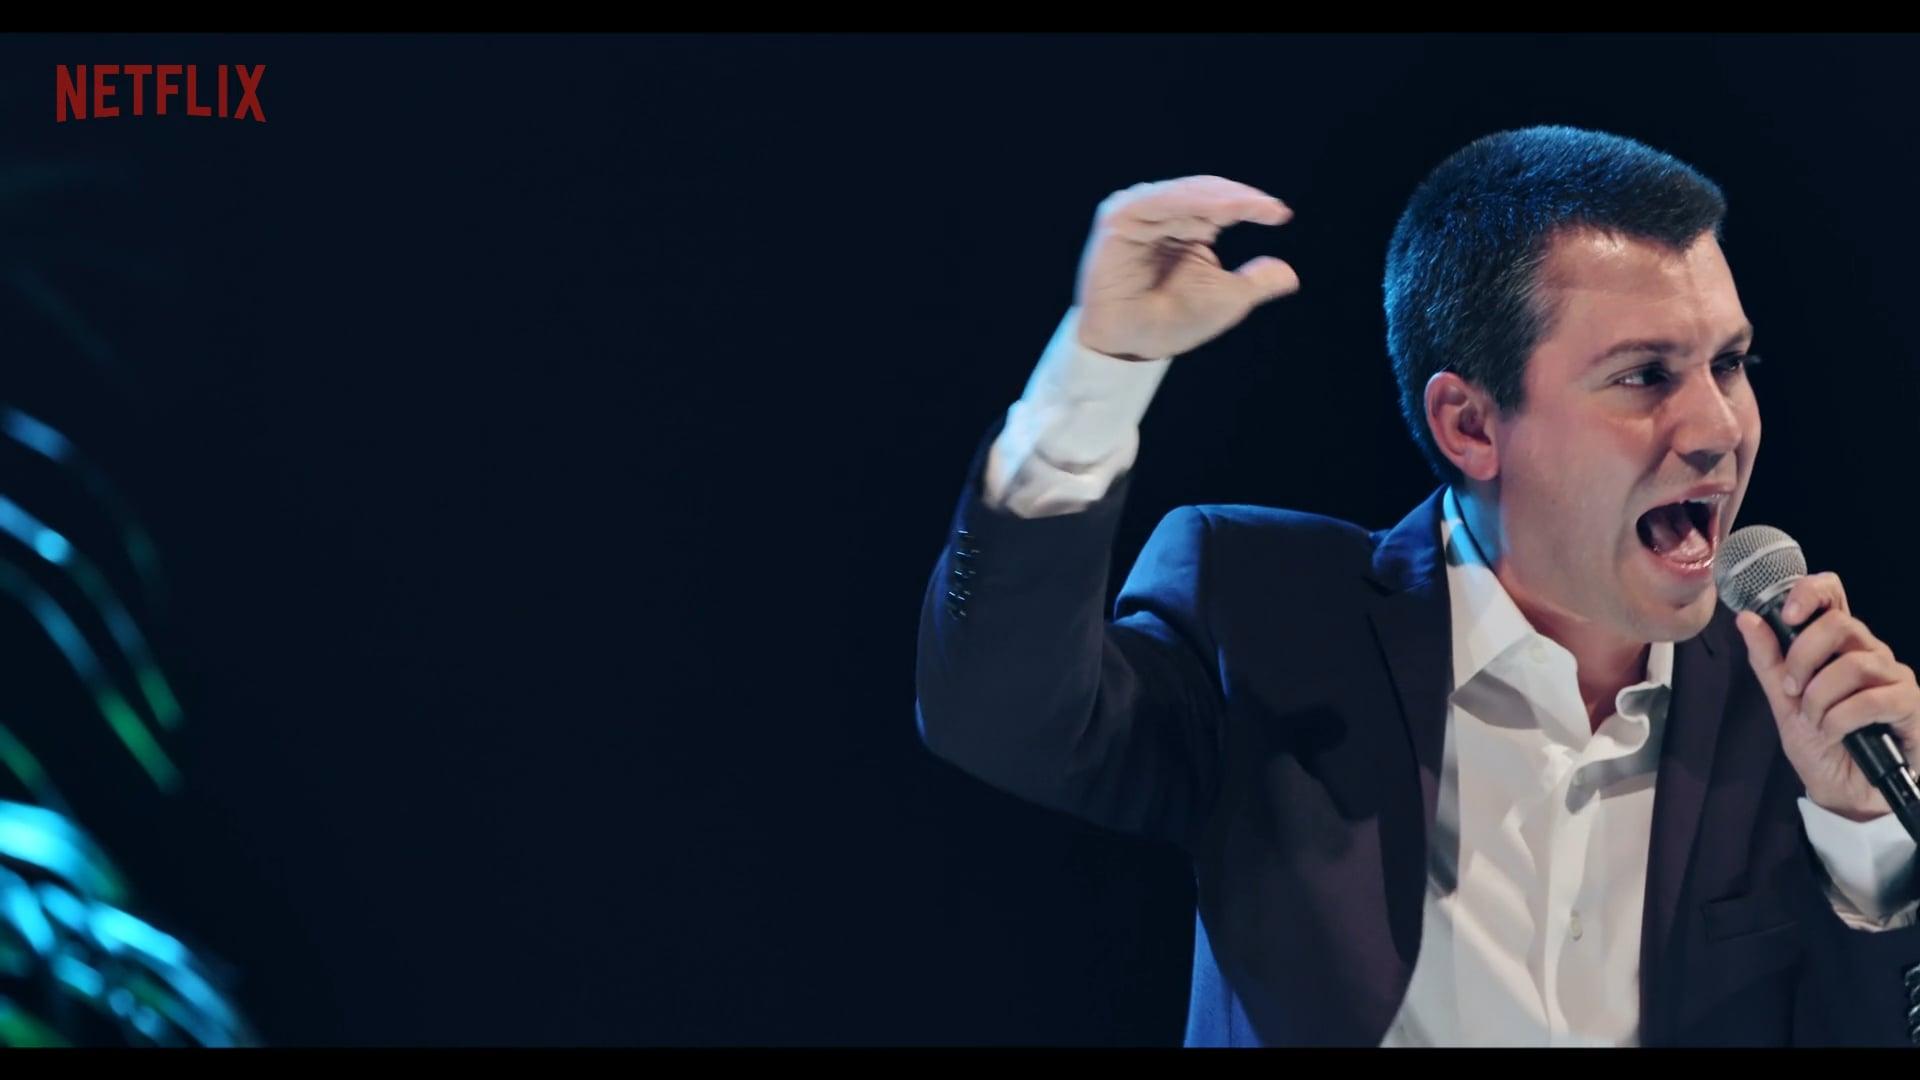 NETFLIX Saverio Raimondo standup comedy